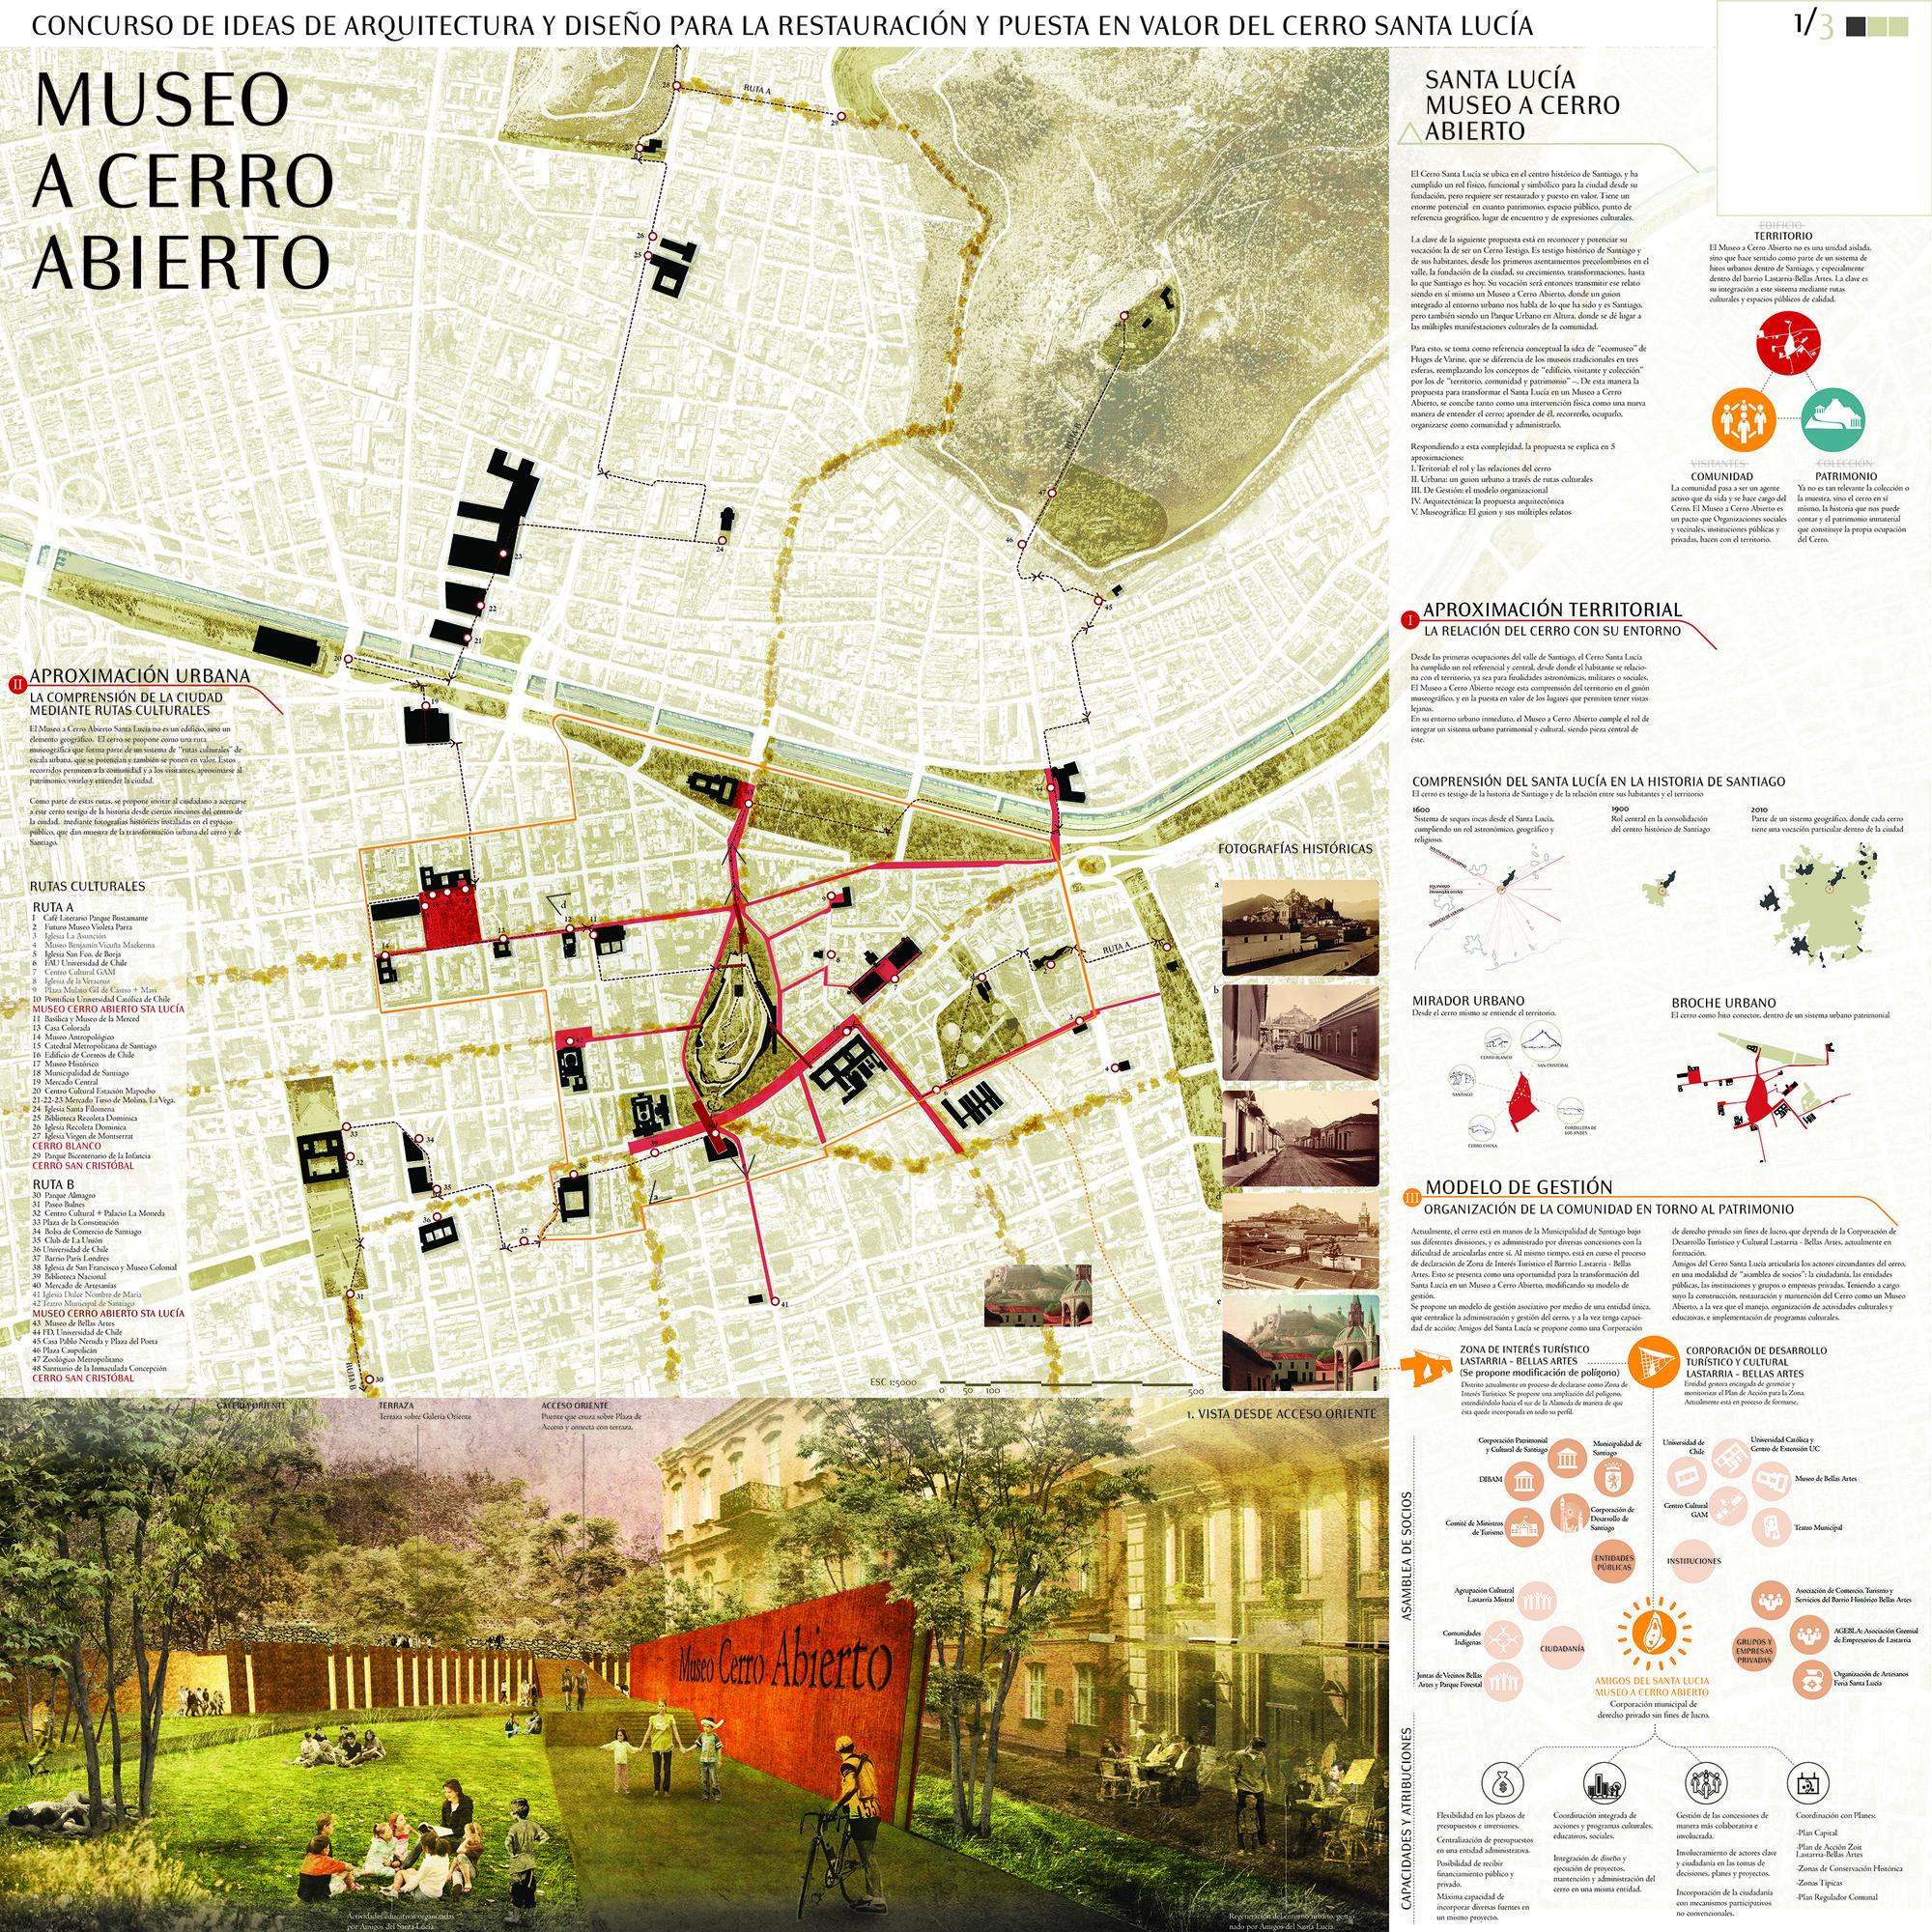 Lámina #01. Image Cortesia de Fundación Cerros Isla + Macarena Gaete